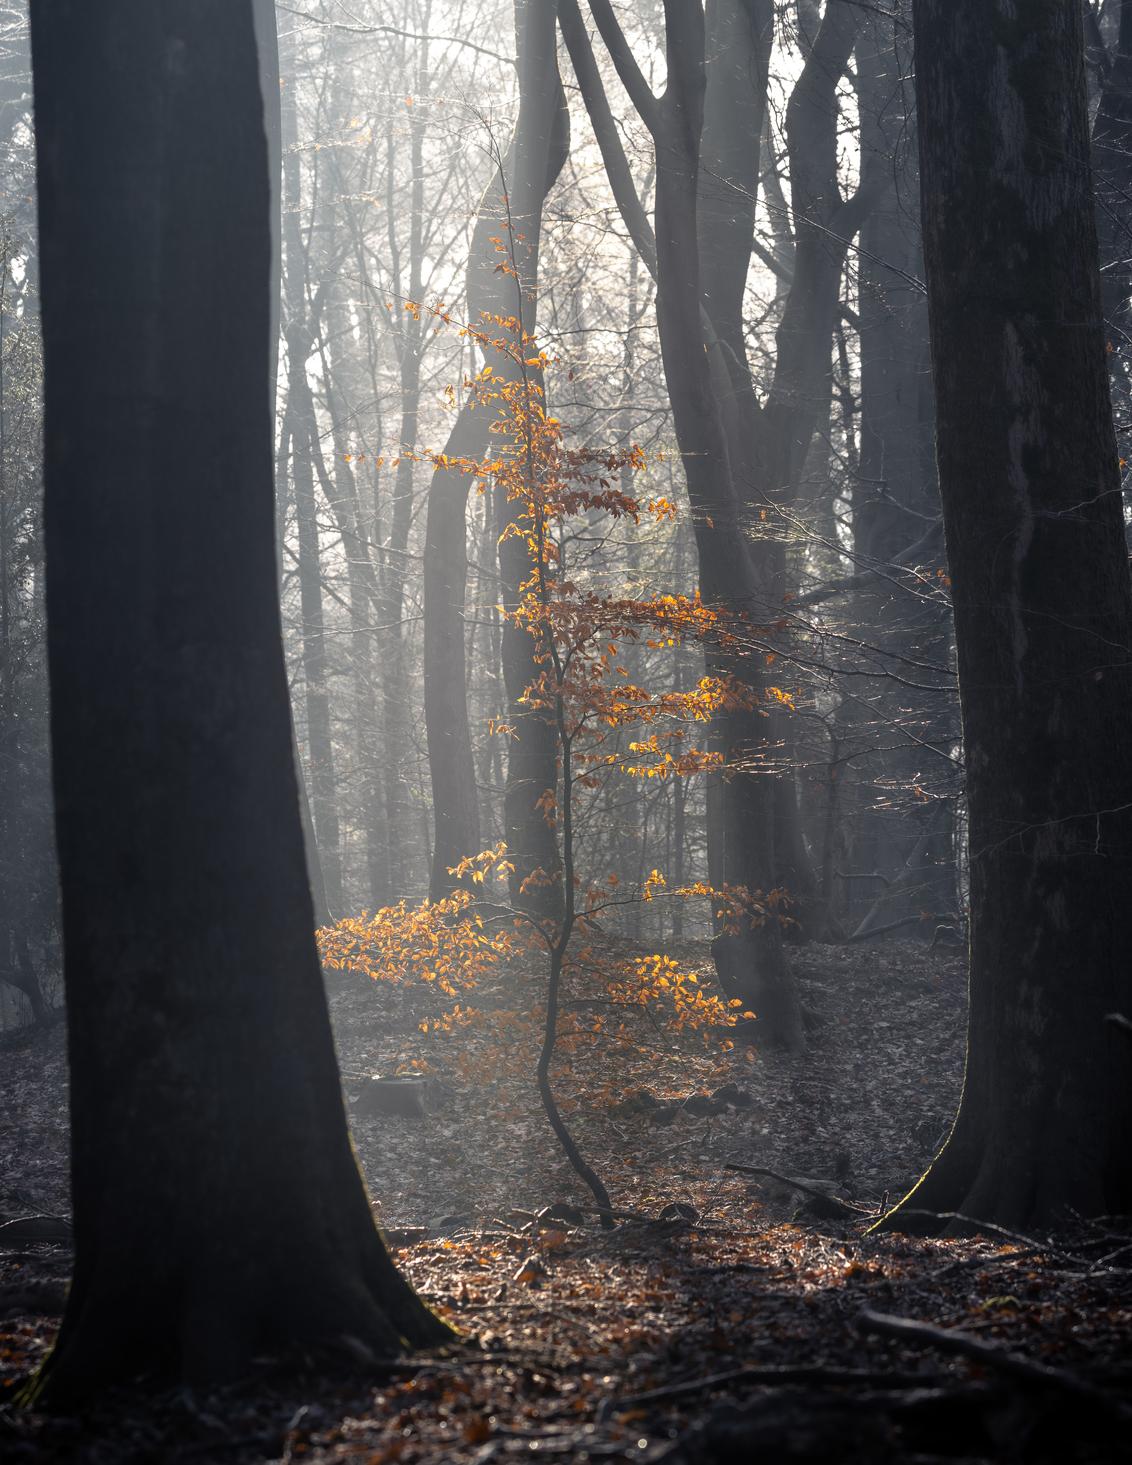 B E T W E E N - - - foto door Hendrik1986 op 02-02-2021 - deze foto bevat: groen, zon, boom, geel, licht, winter, blad, landschap, bos